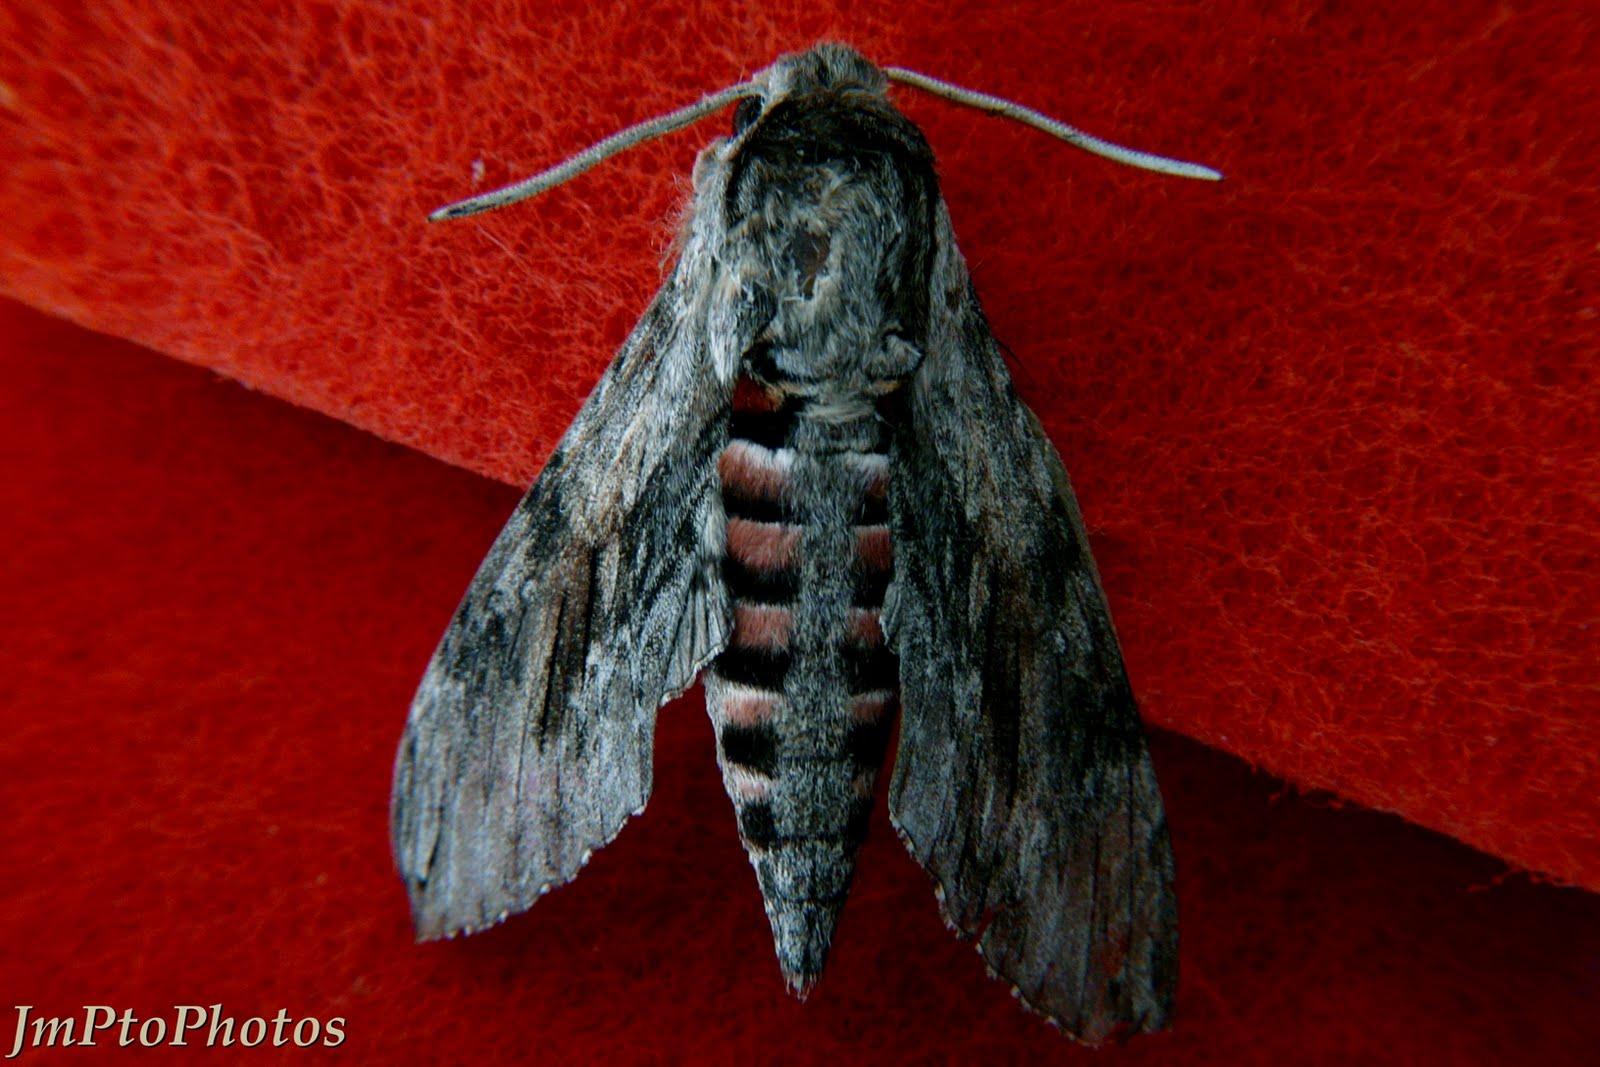 Jmptophotos septembre 2010 - Gros papillon de nuit dangereux ...